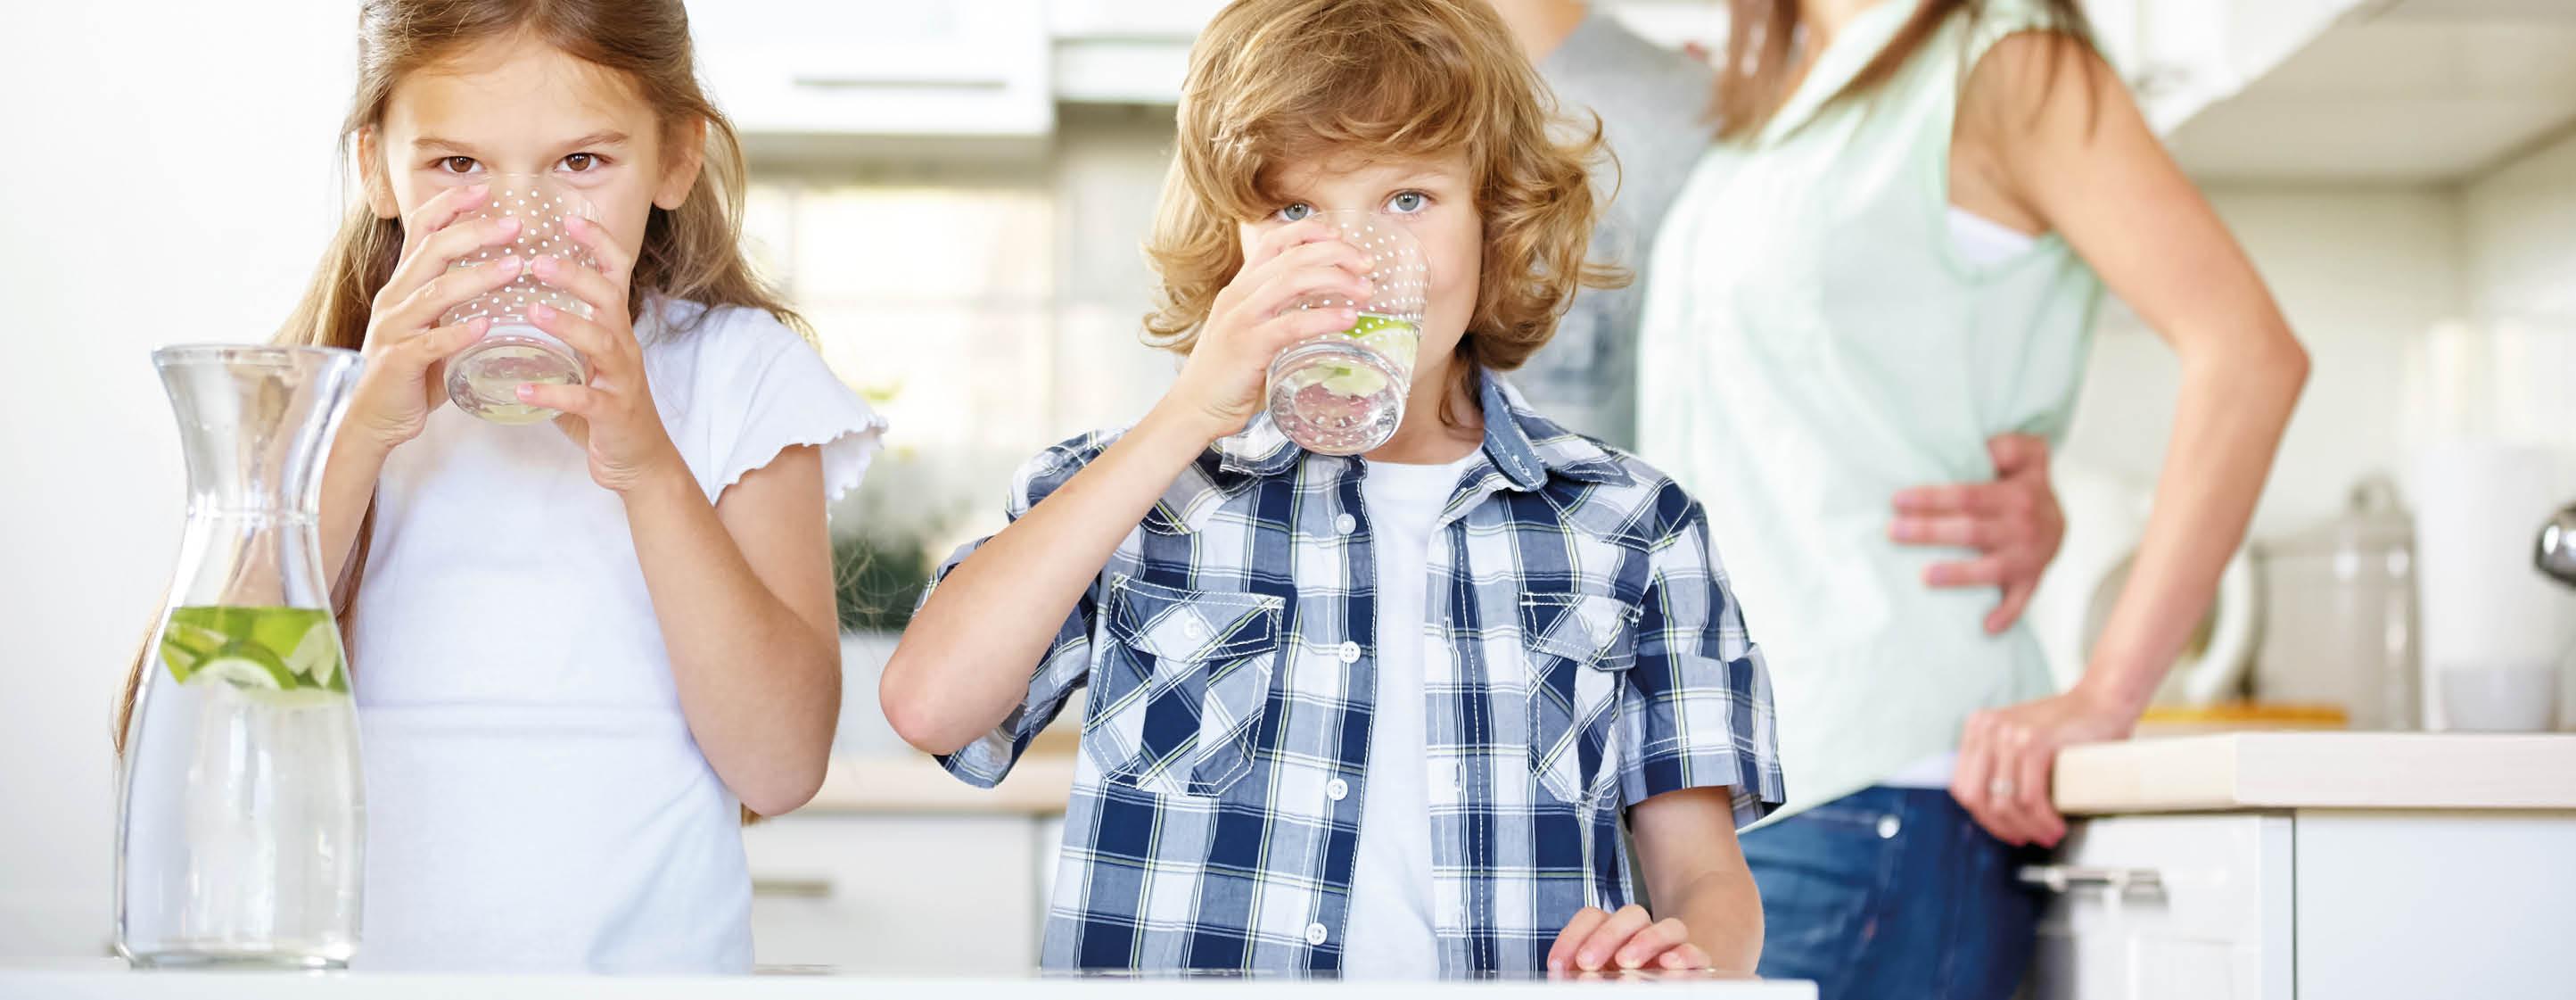 Trinkwasserfilter